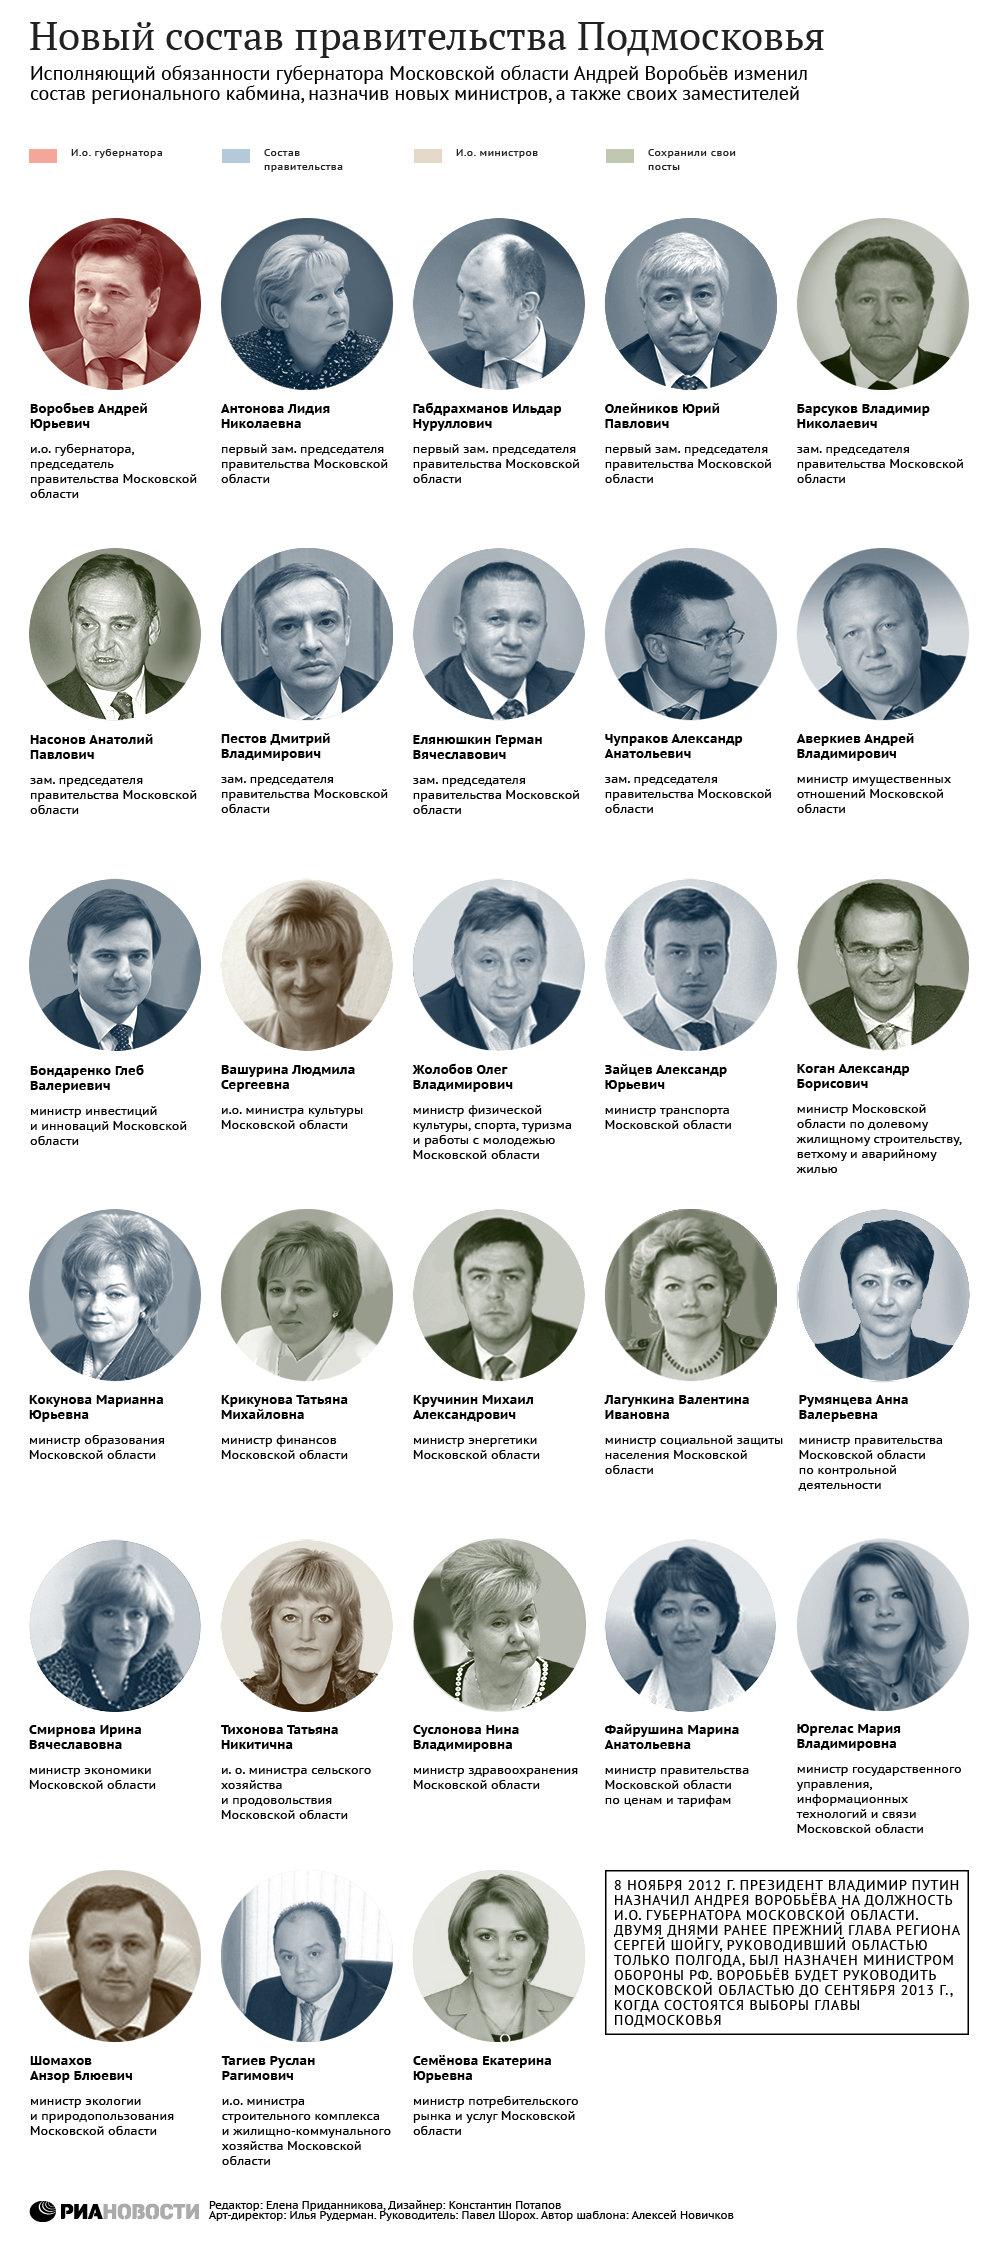 Список членов правительства рф 18 фотография